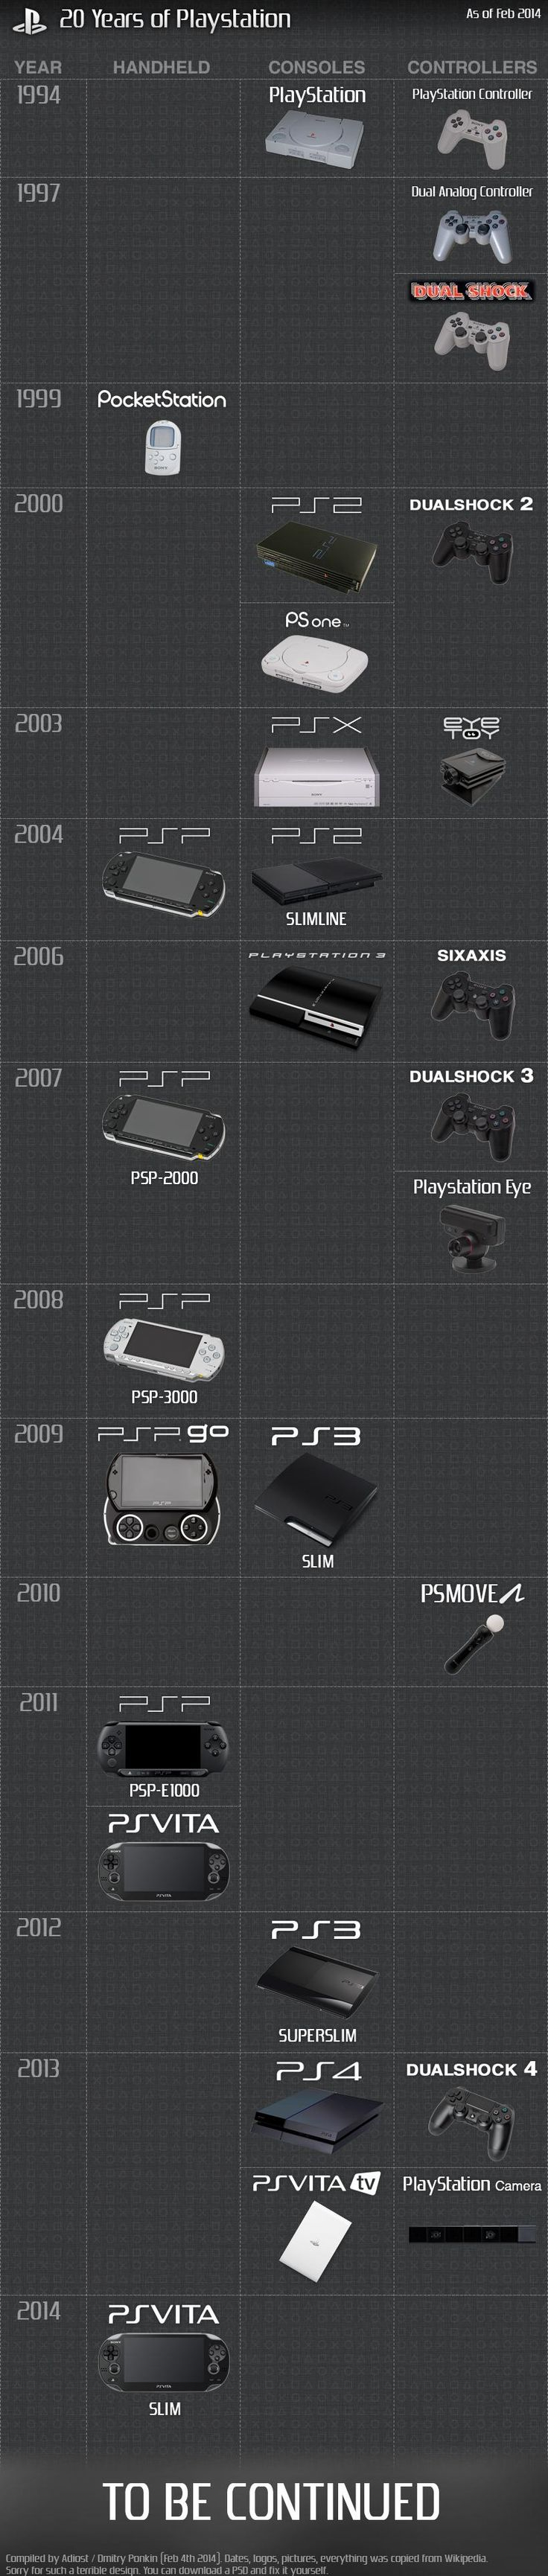 20 anos de PlayStation em um quadro.